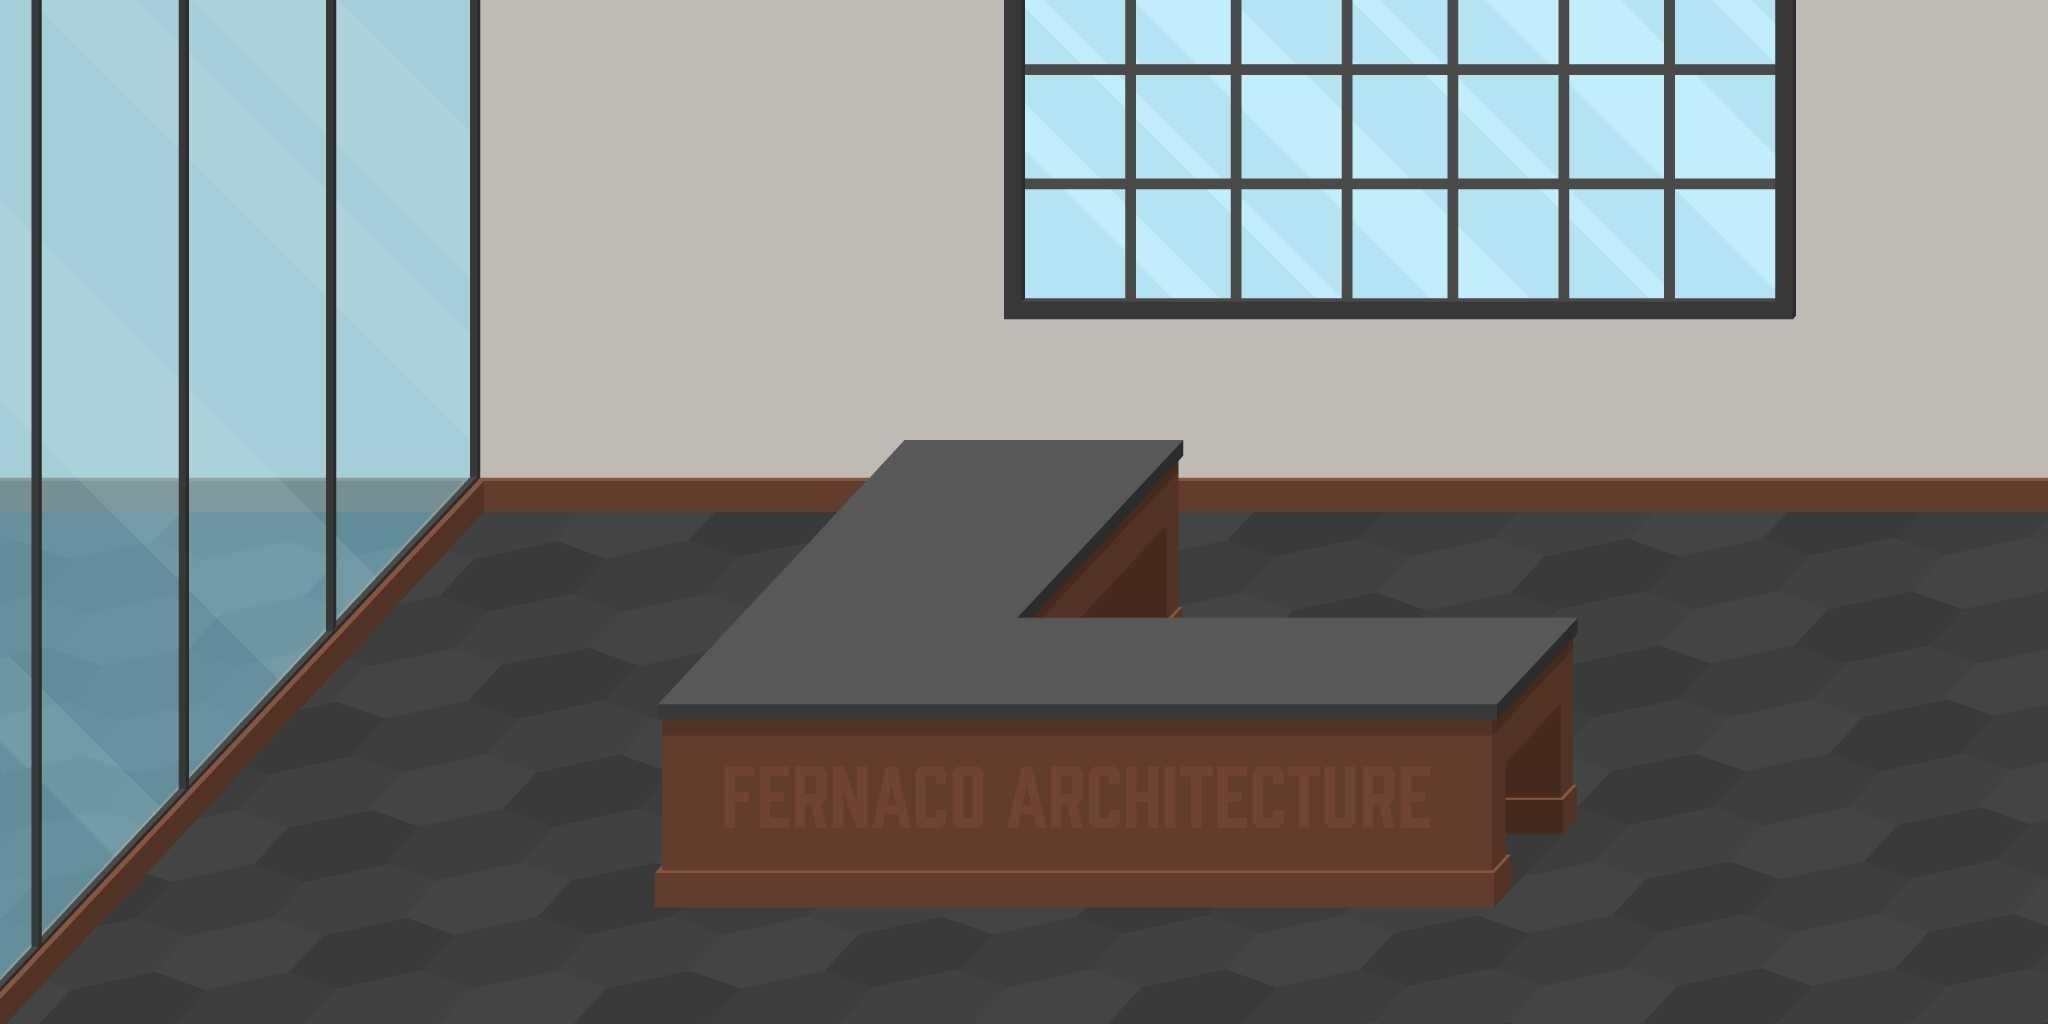 Fernaco Architecture